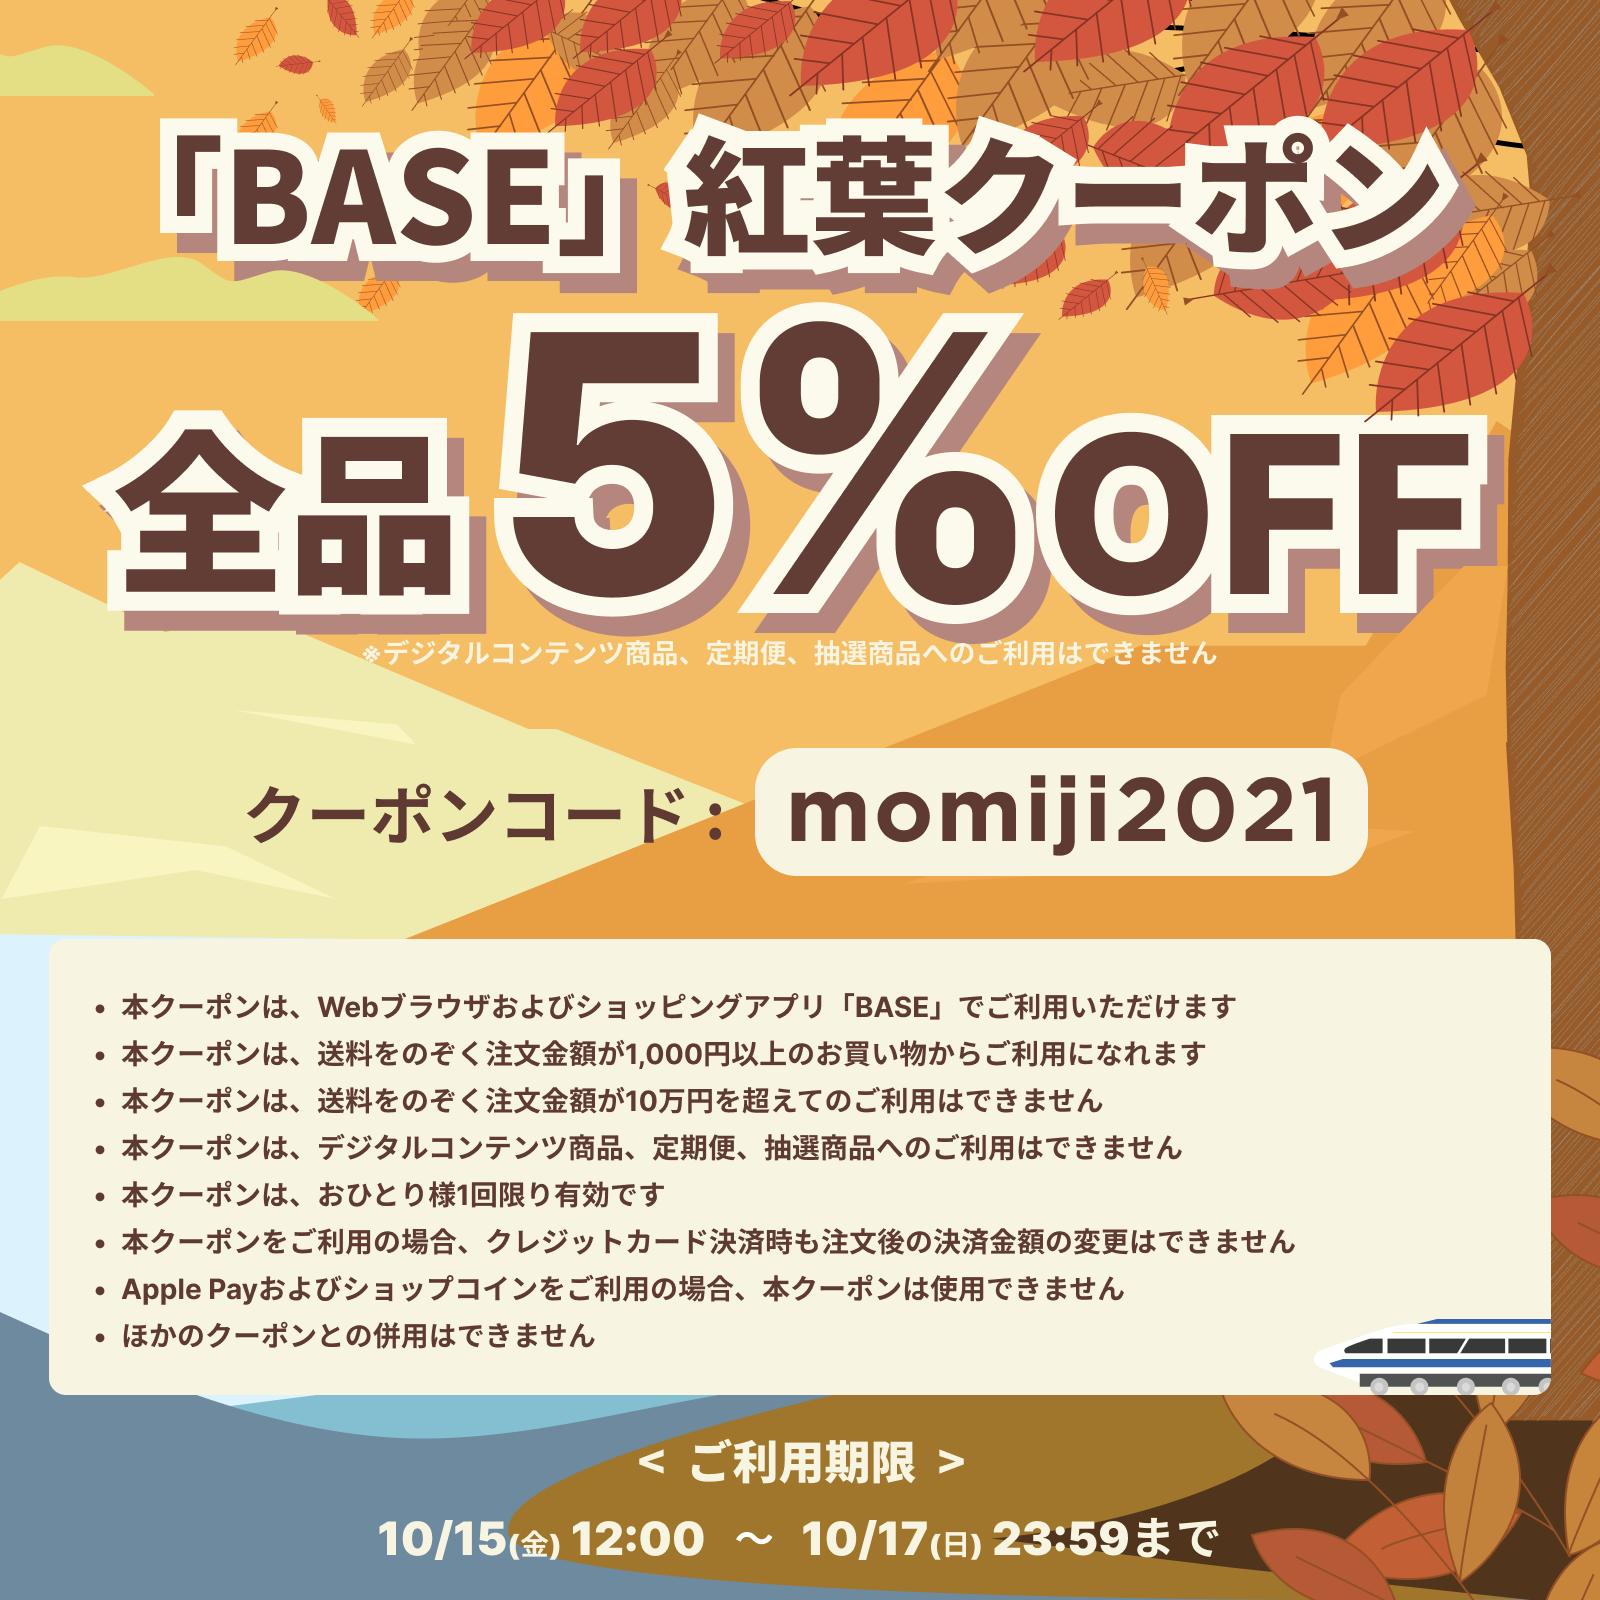 *3日間限定!「BASE」紅葉クーポン全品5%off 配布中!*